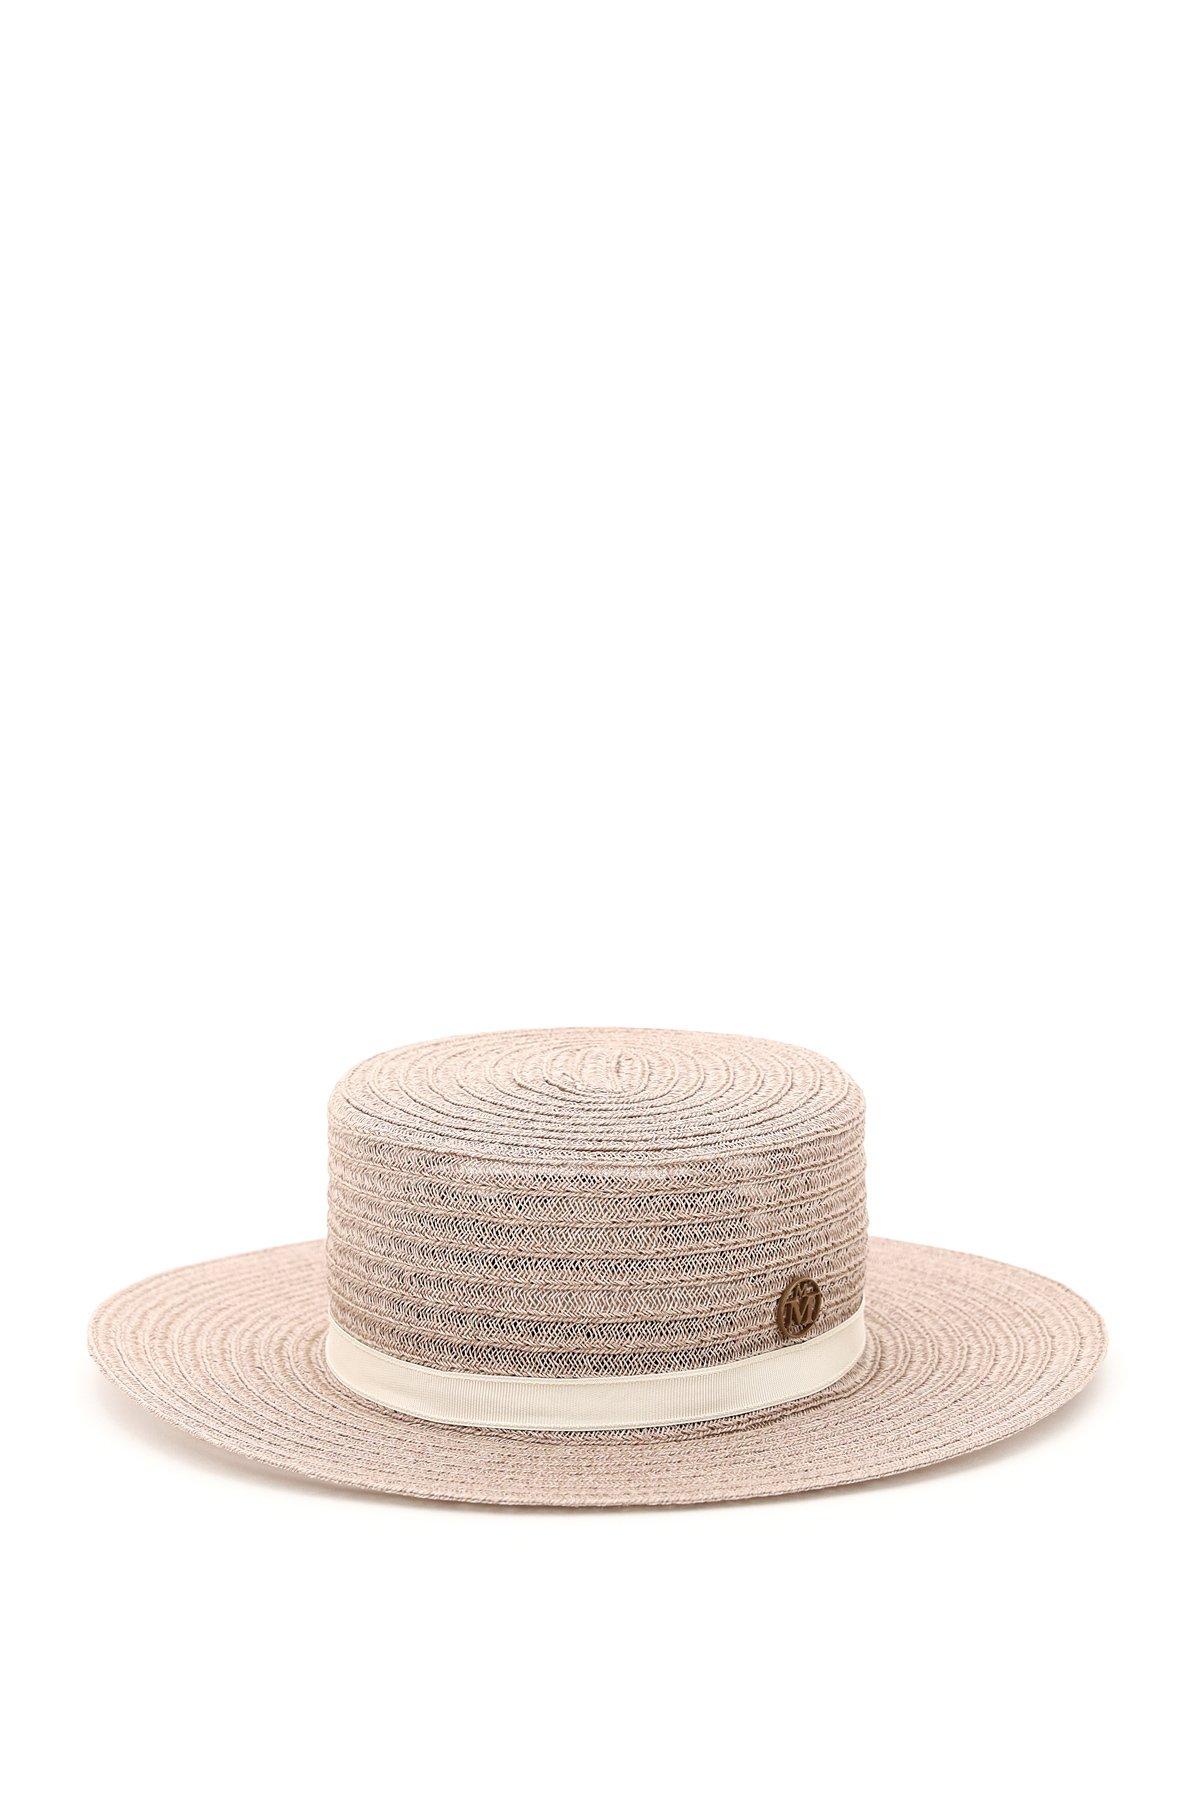 Maison michel cappello canotier in canapa intrecciata kiki